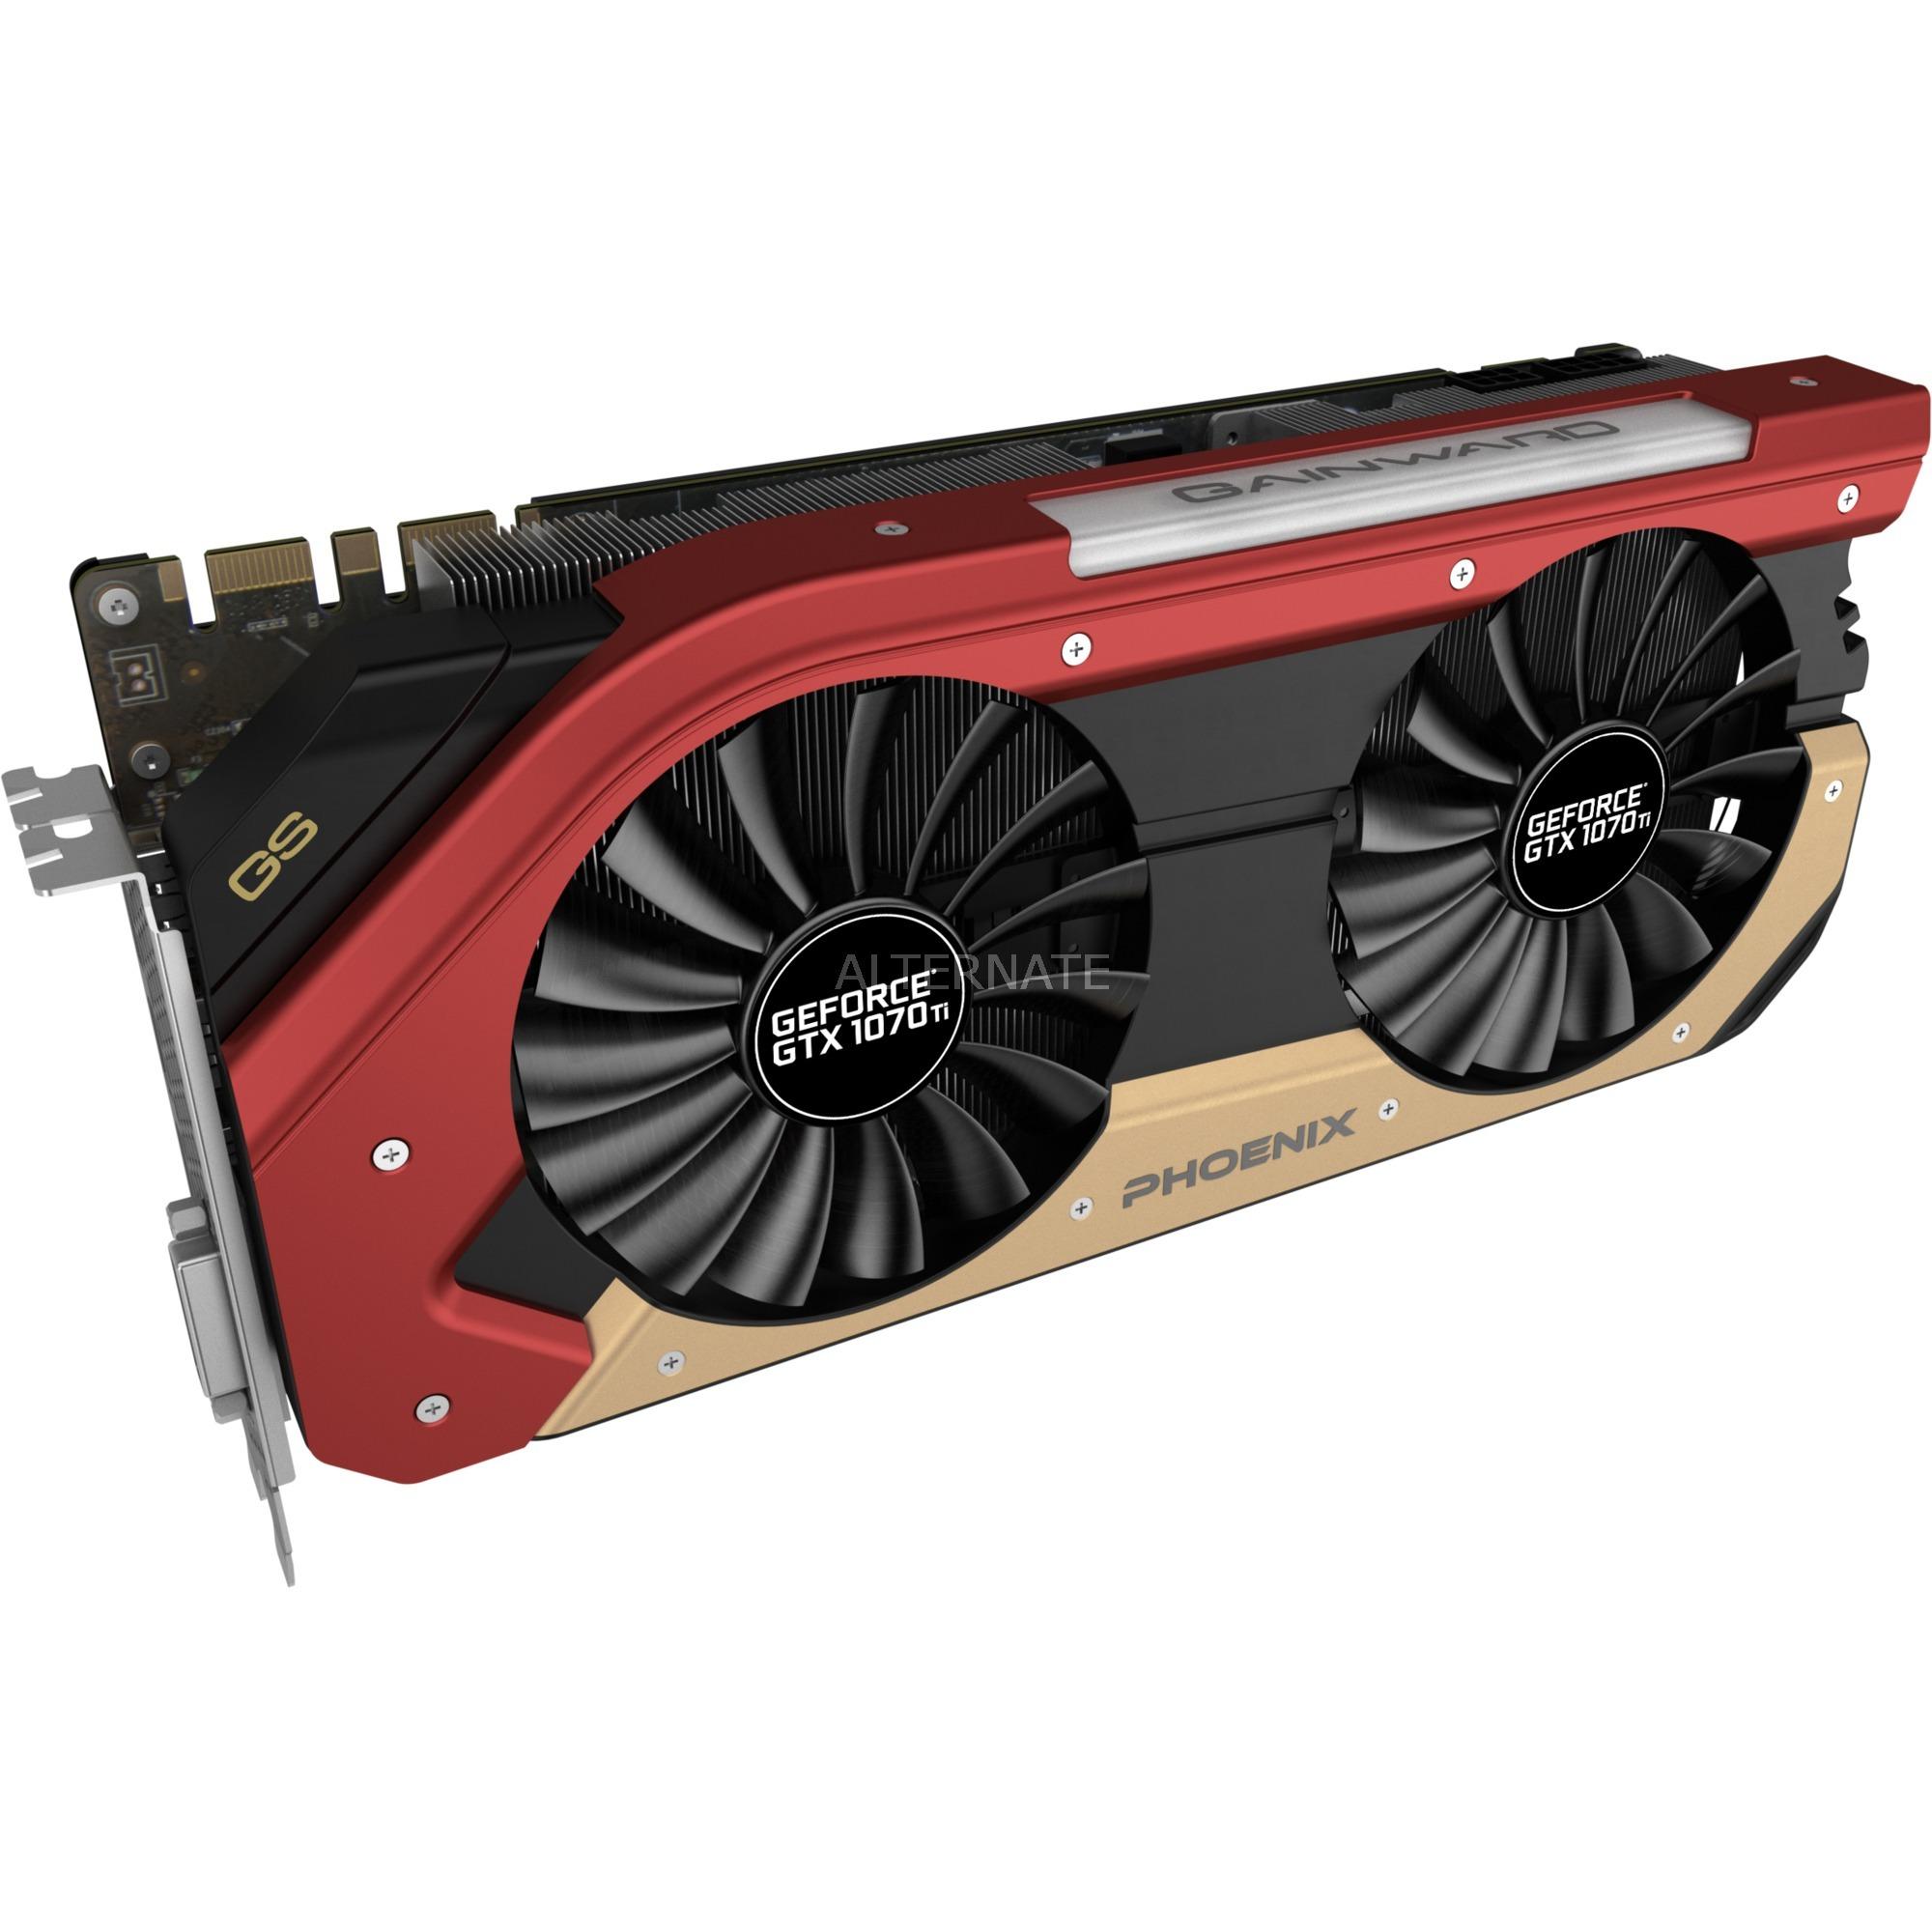 426018336-4016 GeForce GTX 1070 Ti 8GB GDDR5 tarjeta gráfica